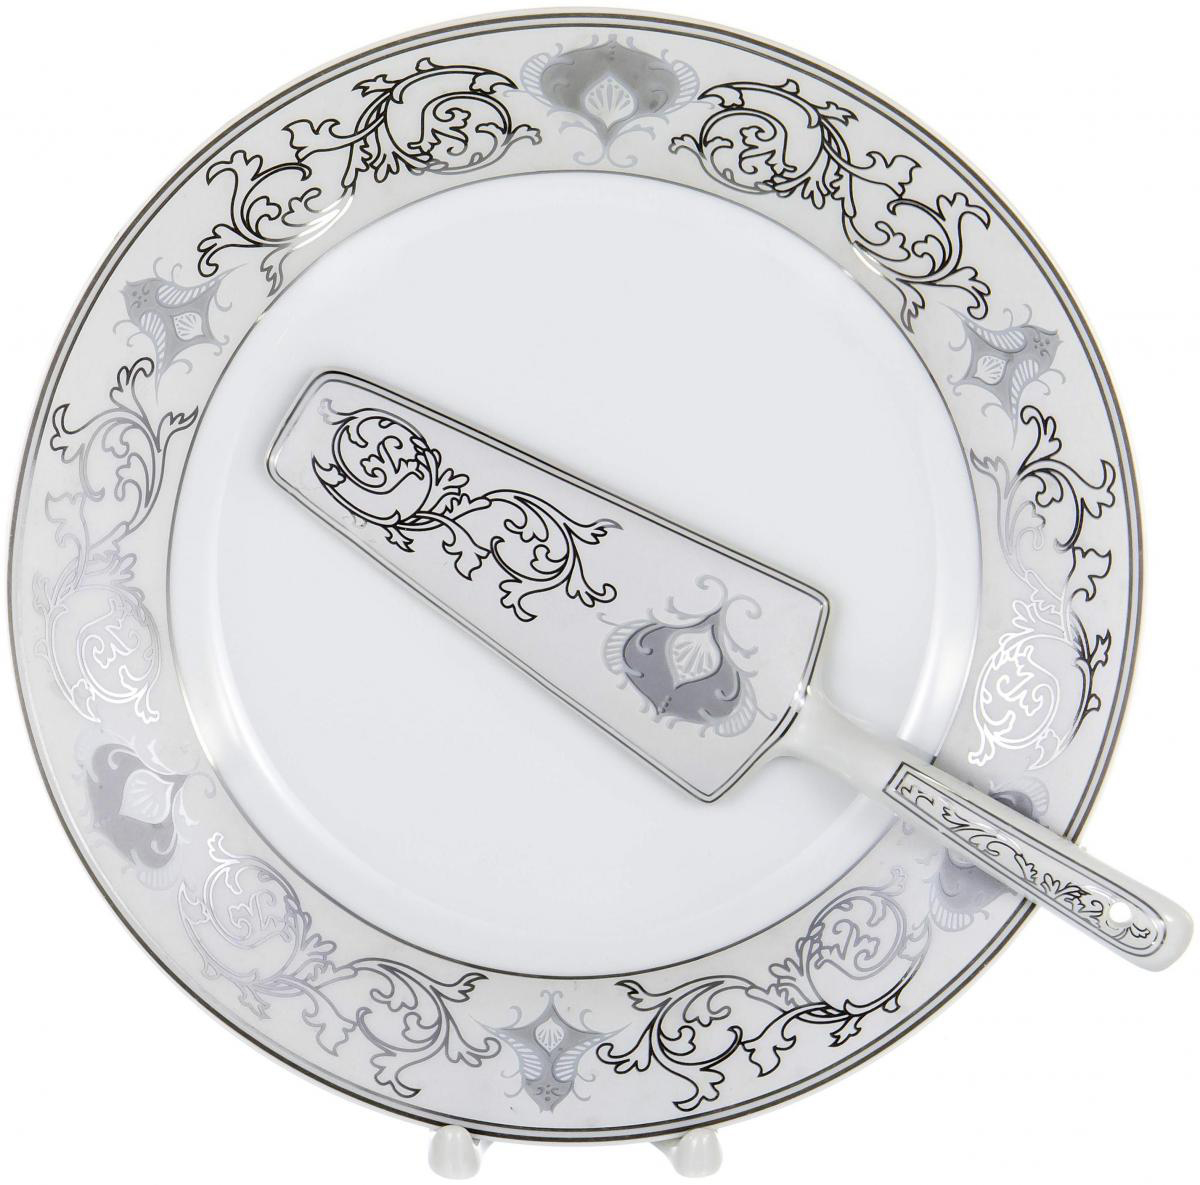 Набор для торта Olaff, 2 предмета. LRS-CPN2-012LRS-CPN2-012Набор для торта Olaff состоит из блюда и лопатки. Изделия выполнены из керамики и оформлены изящным рисунком. Набор идеален для подачи тортов, пирогов и другой выпечки. Яркий дизайн сделает набор изысканным украшением праздничного стола.В наборе: тарелка диаметром 25,5 см и лопатка.